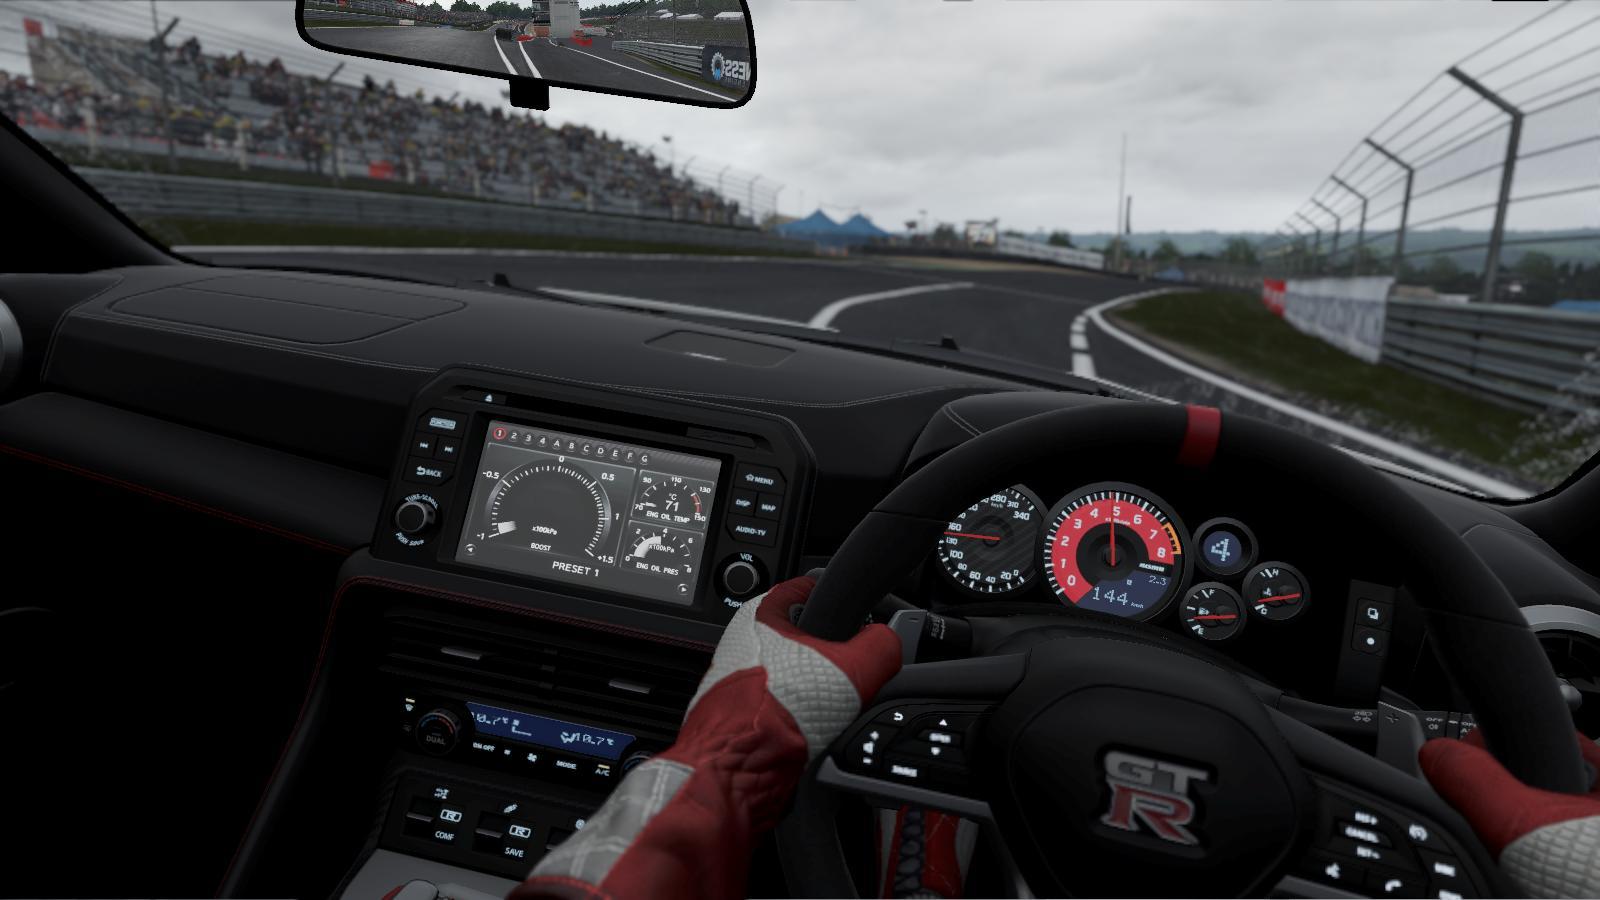 تصویری از گیمپلی بازی Project cars2